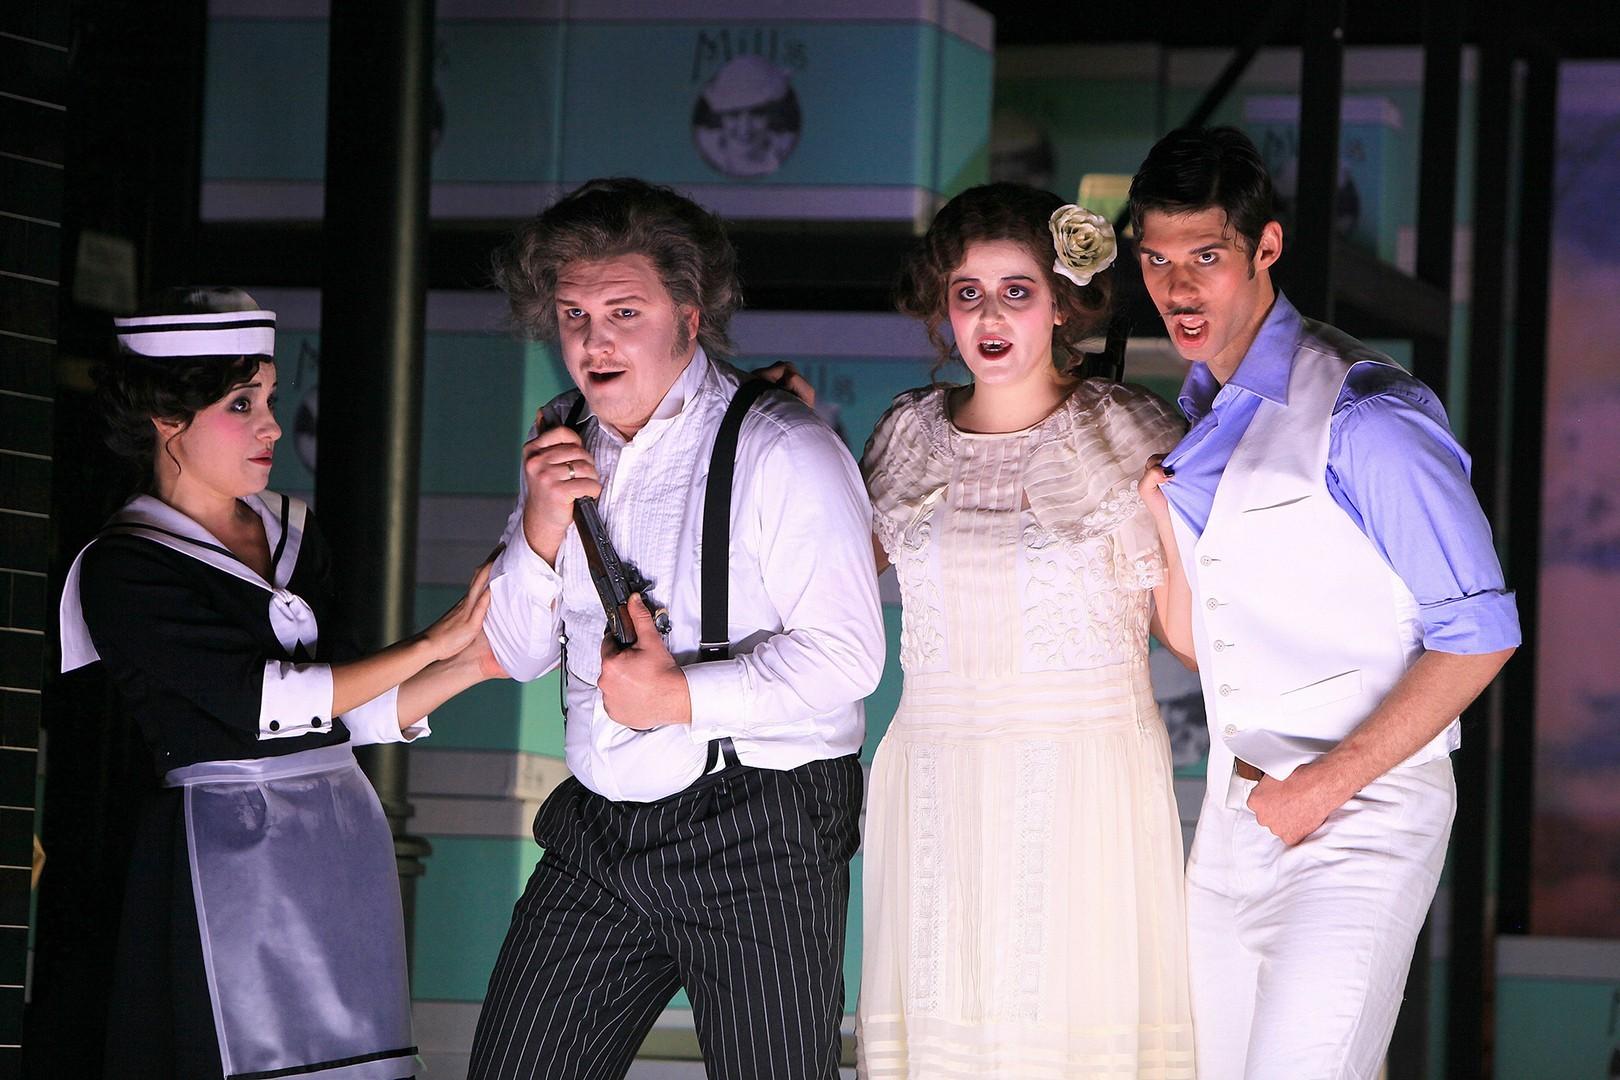 Cambiale-di-matrimonio-Opera-directed-by-Jacopo-Spirei-11